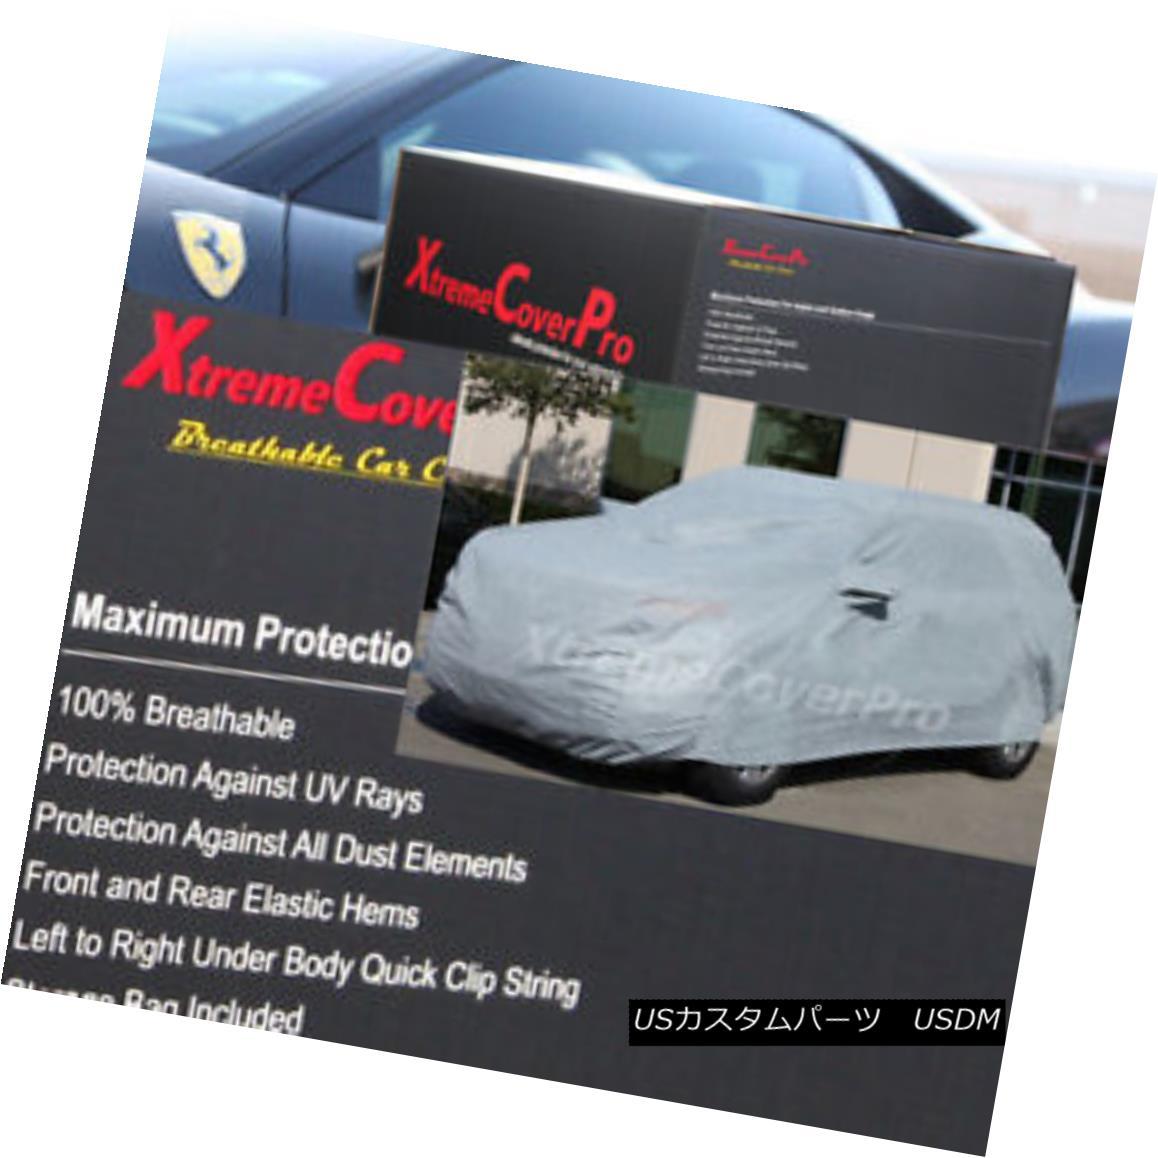 カーカバー 2015 FORD ESCAPE Breathable Car Cover w/Mirror Pockets - Gray 2015 FORD ESCAPE通気性のある車カバー付き/ミラーポケット - グレー